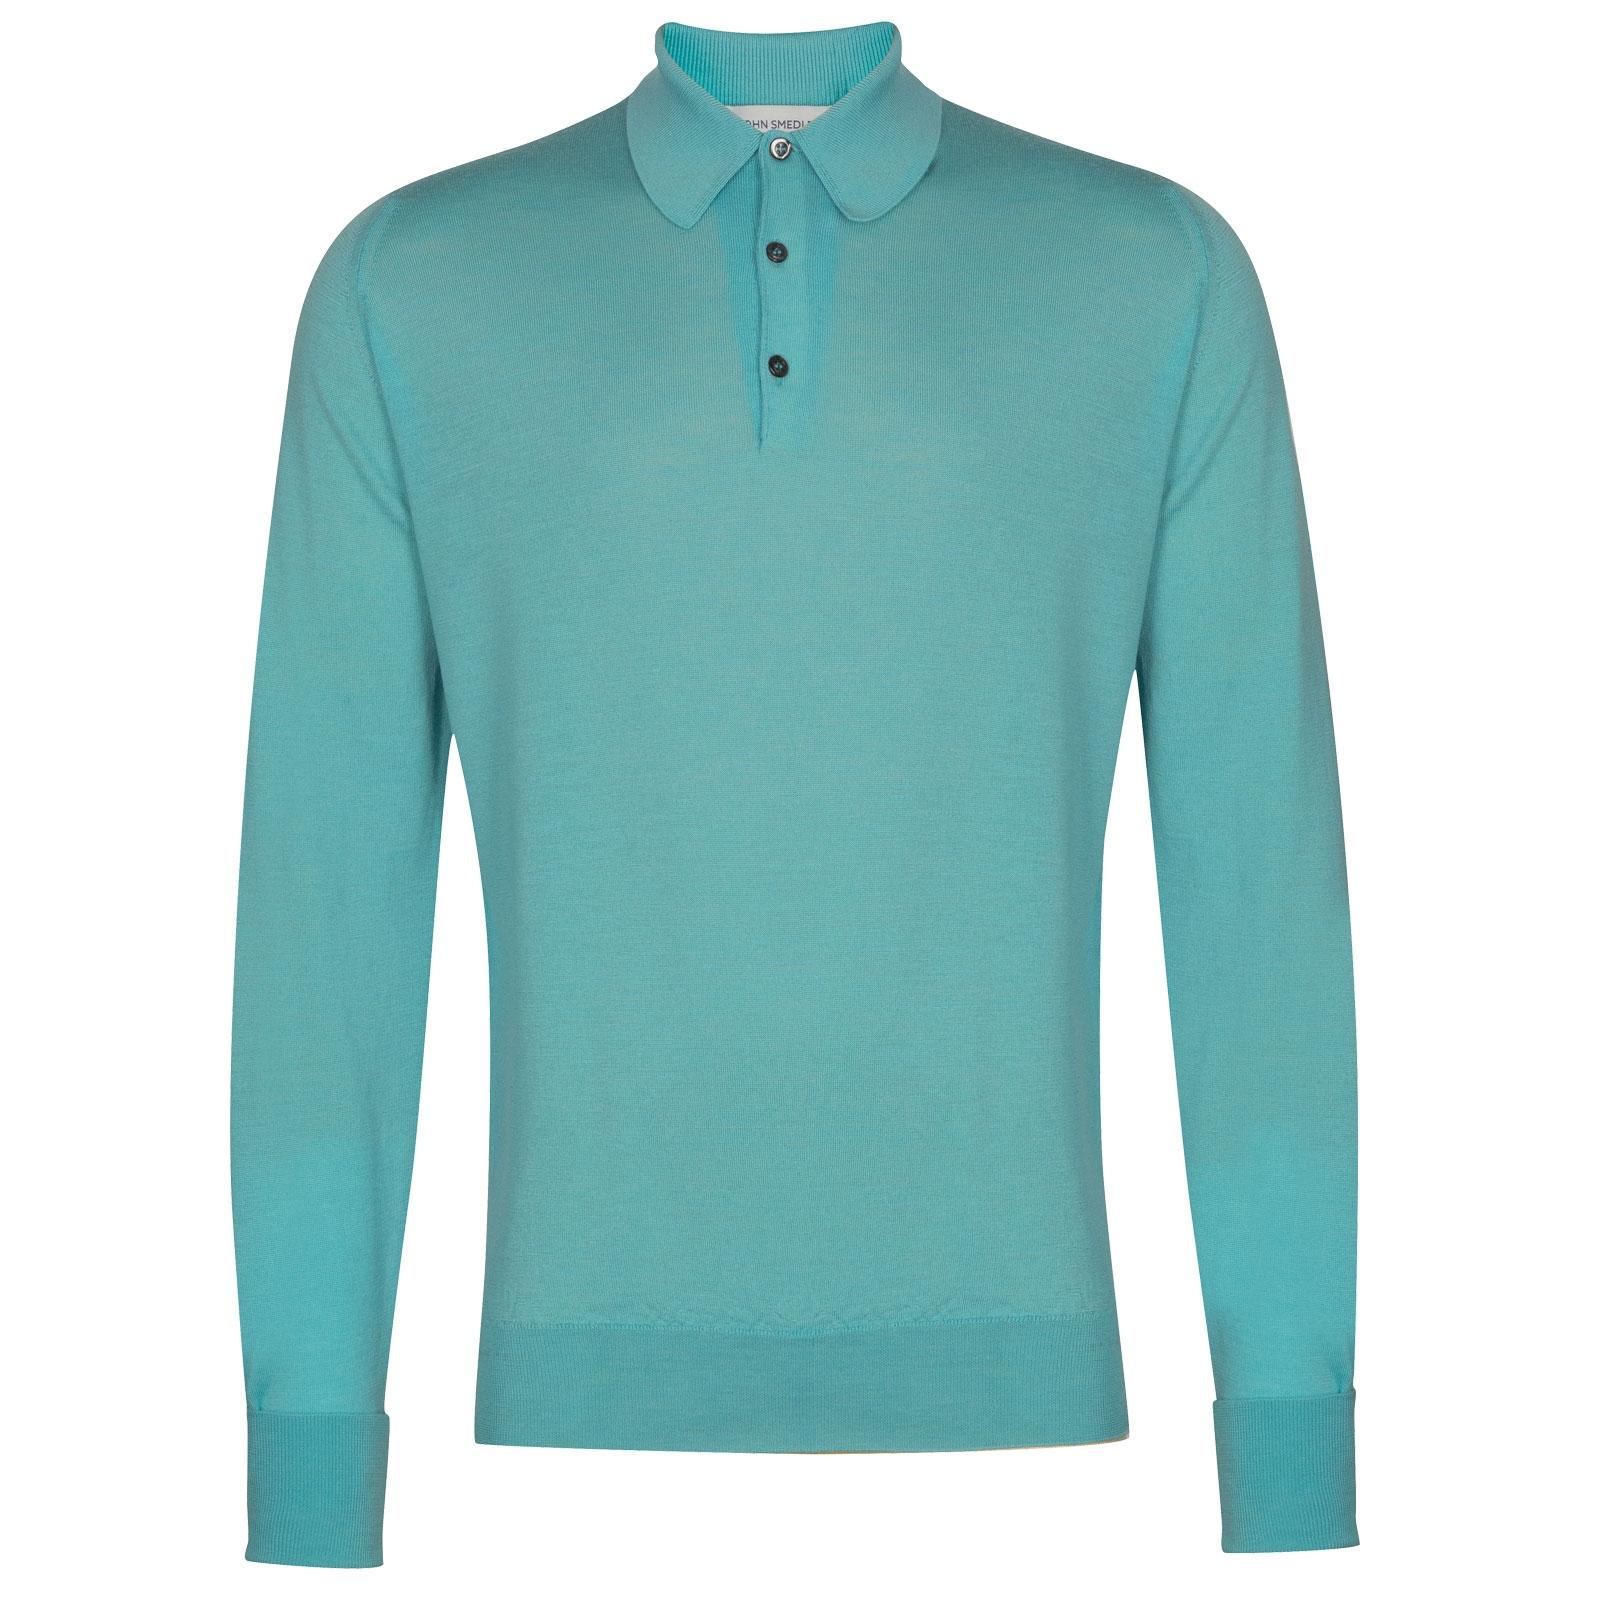 John Smedley Dorset in Empyrean Blue Shirt-xsm